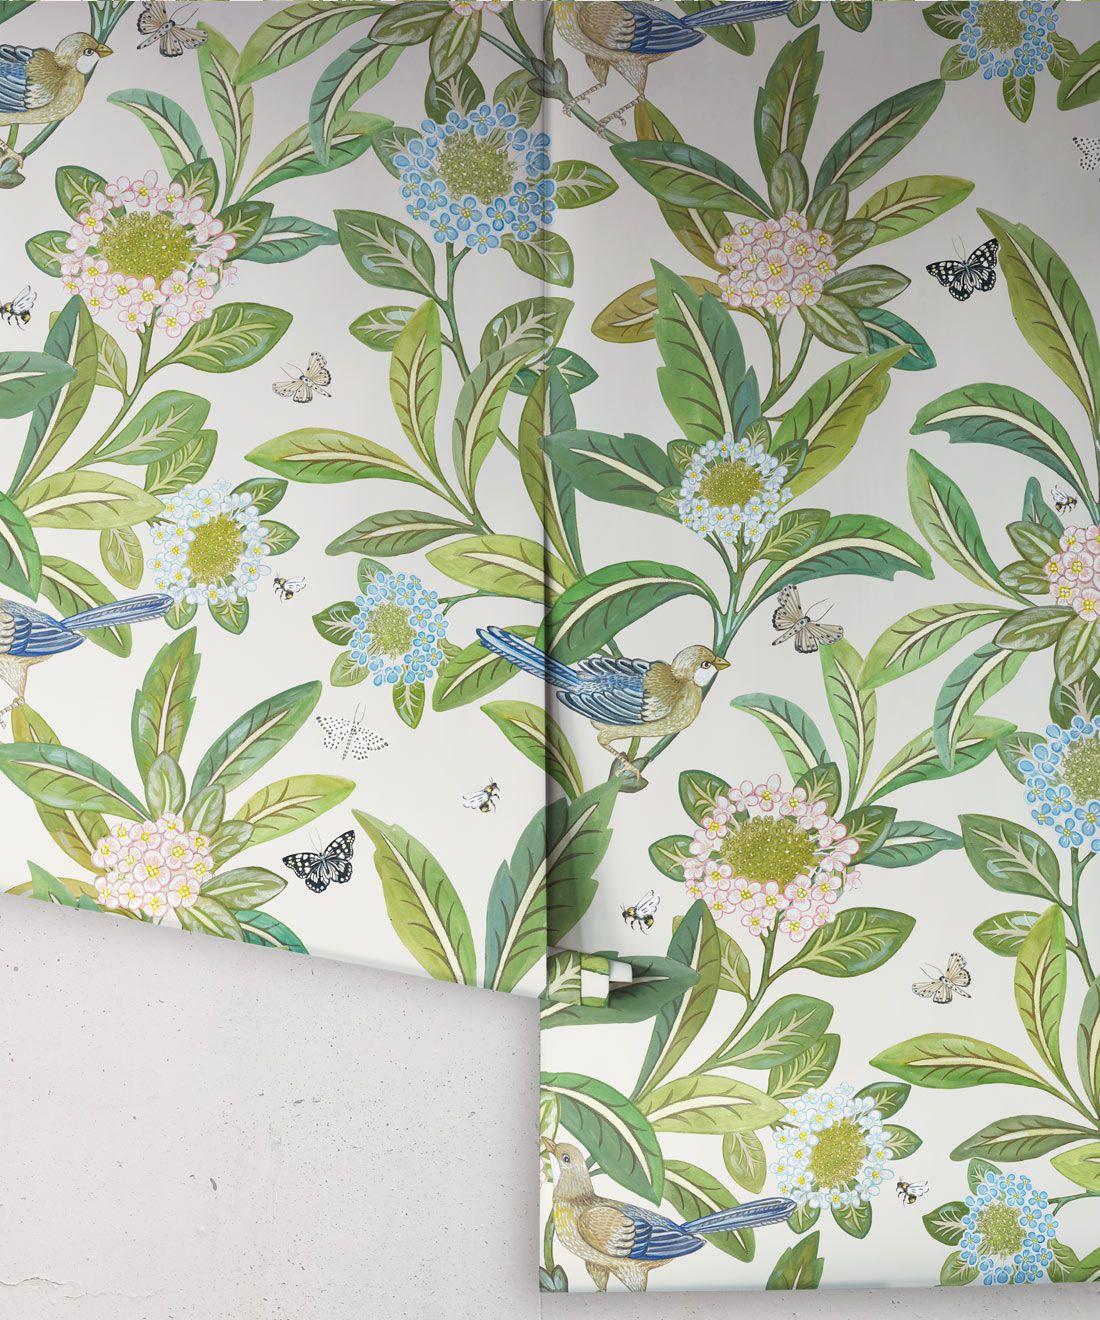 Summer Garden Wallpaper • Ivory Wallpaper • Floral Wallpaper Rolls